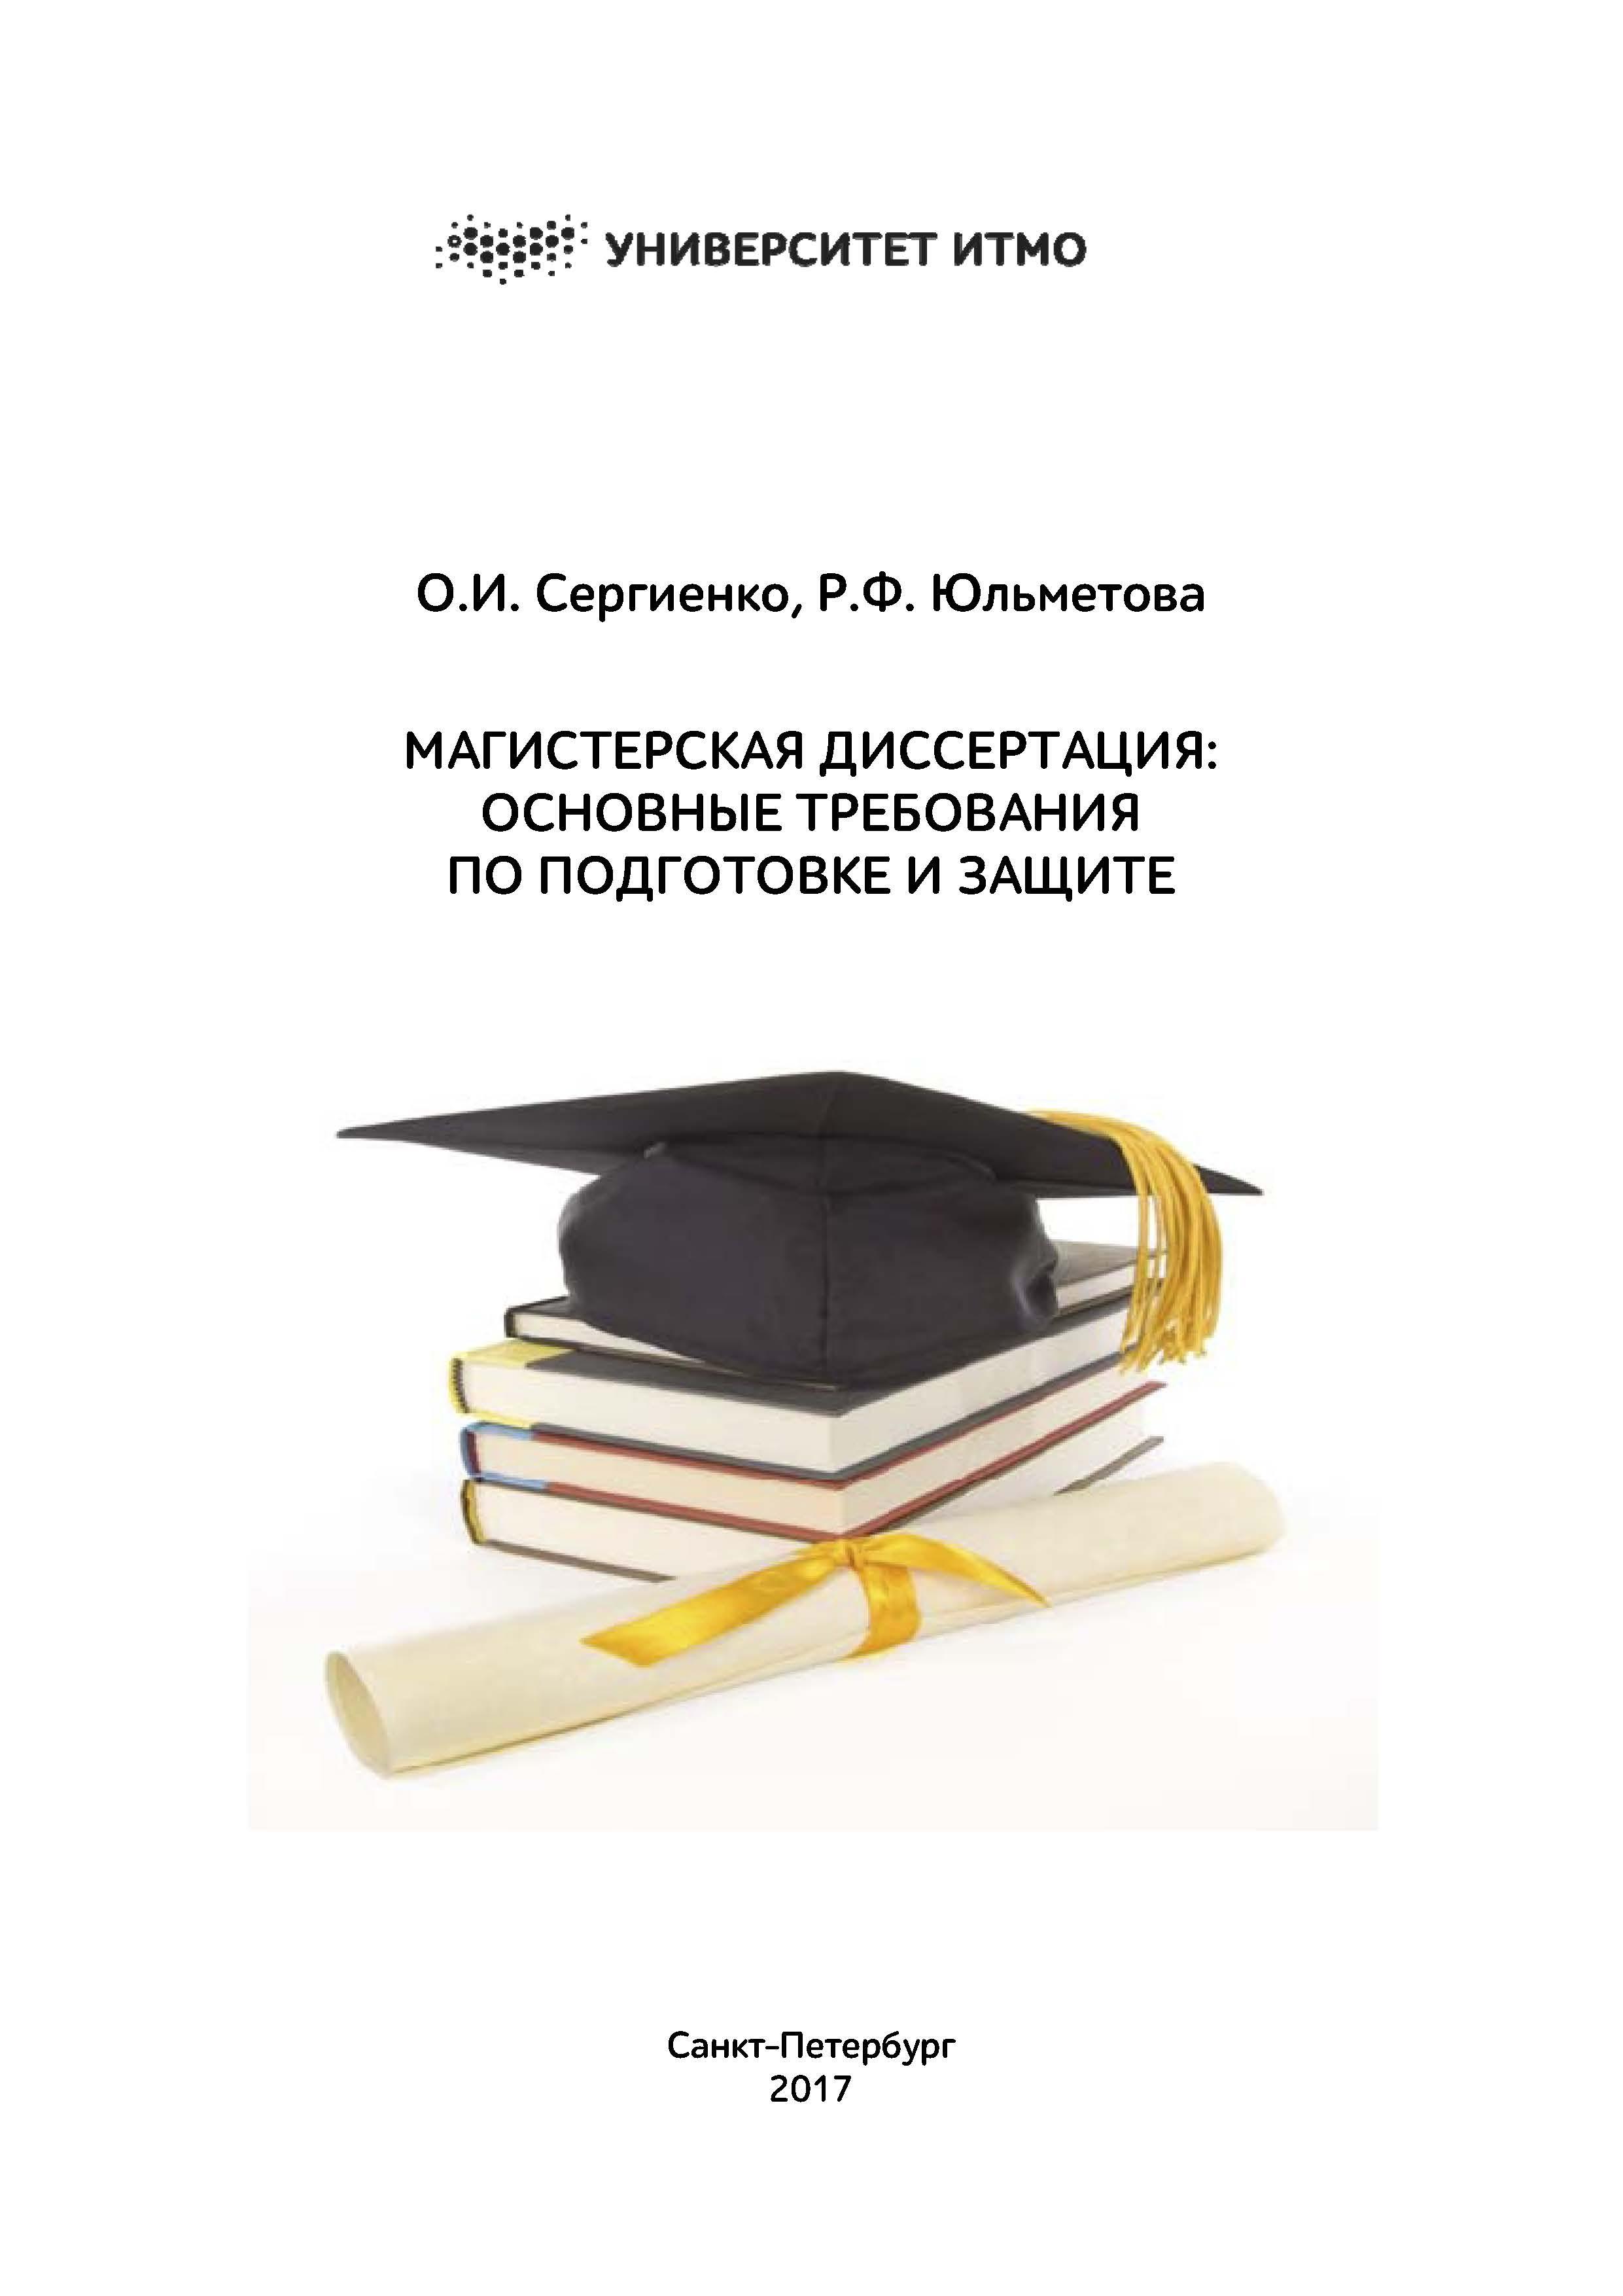 Подготовка диссертации к защите 920